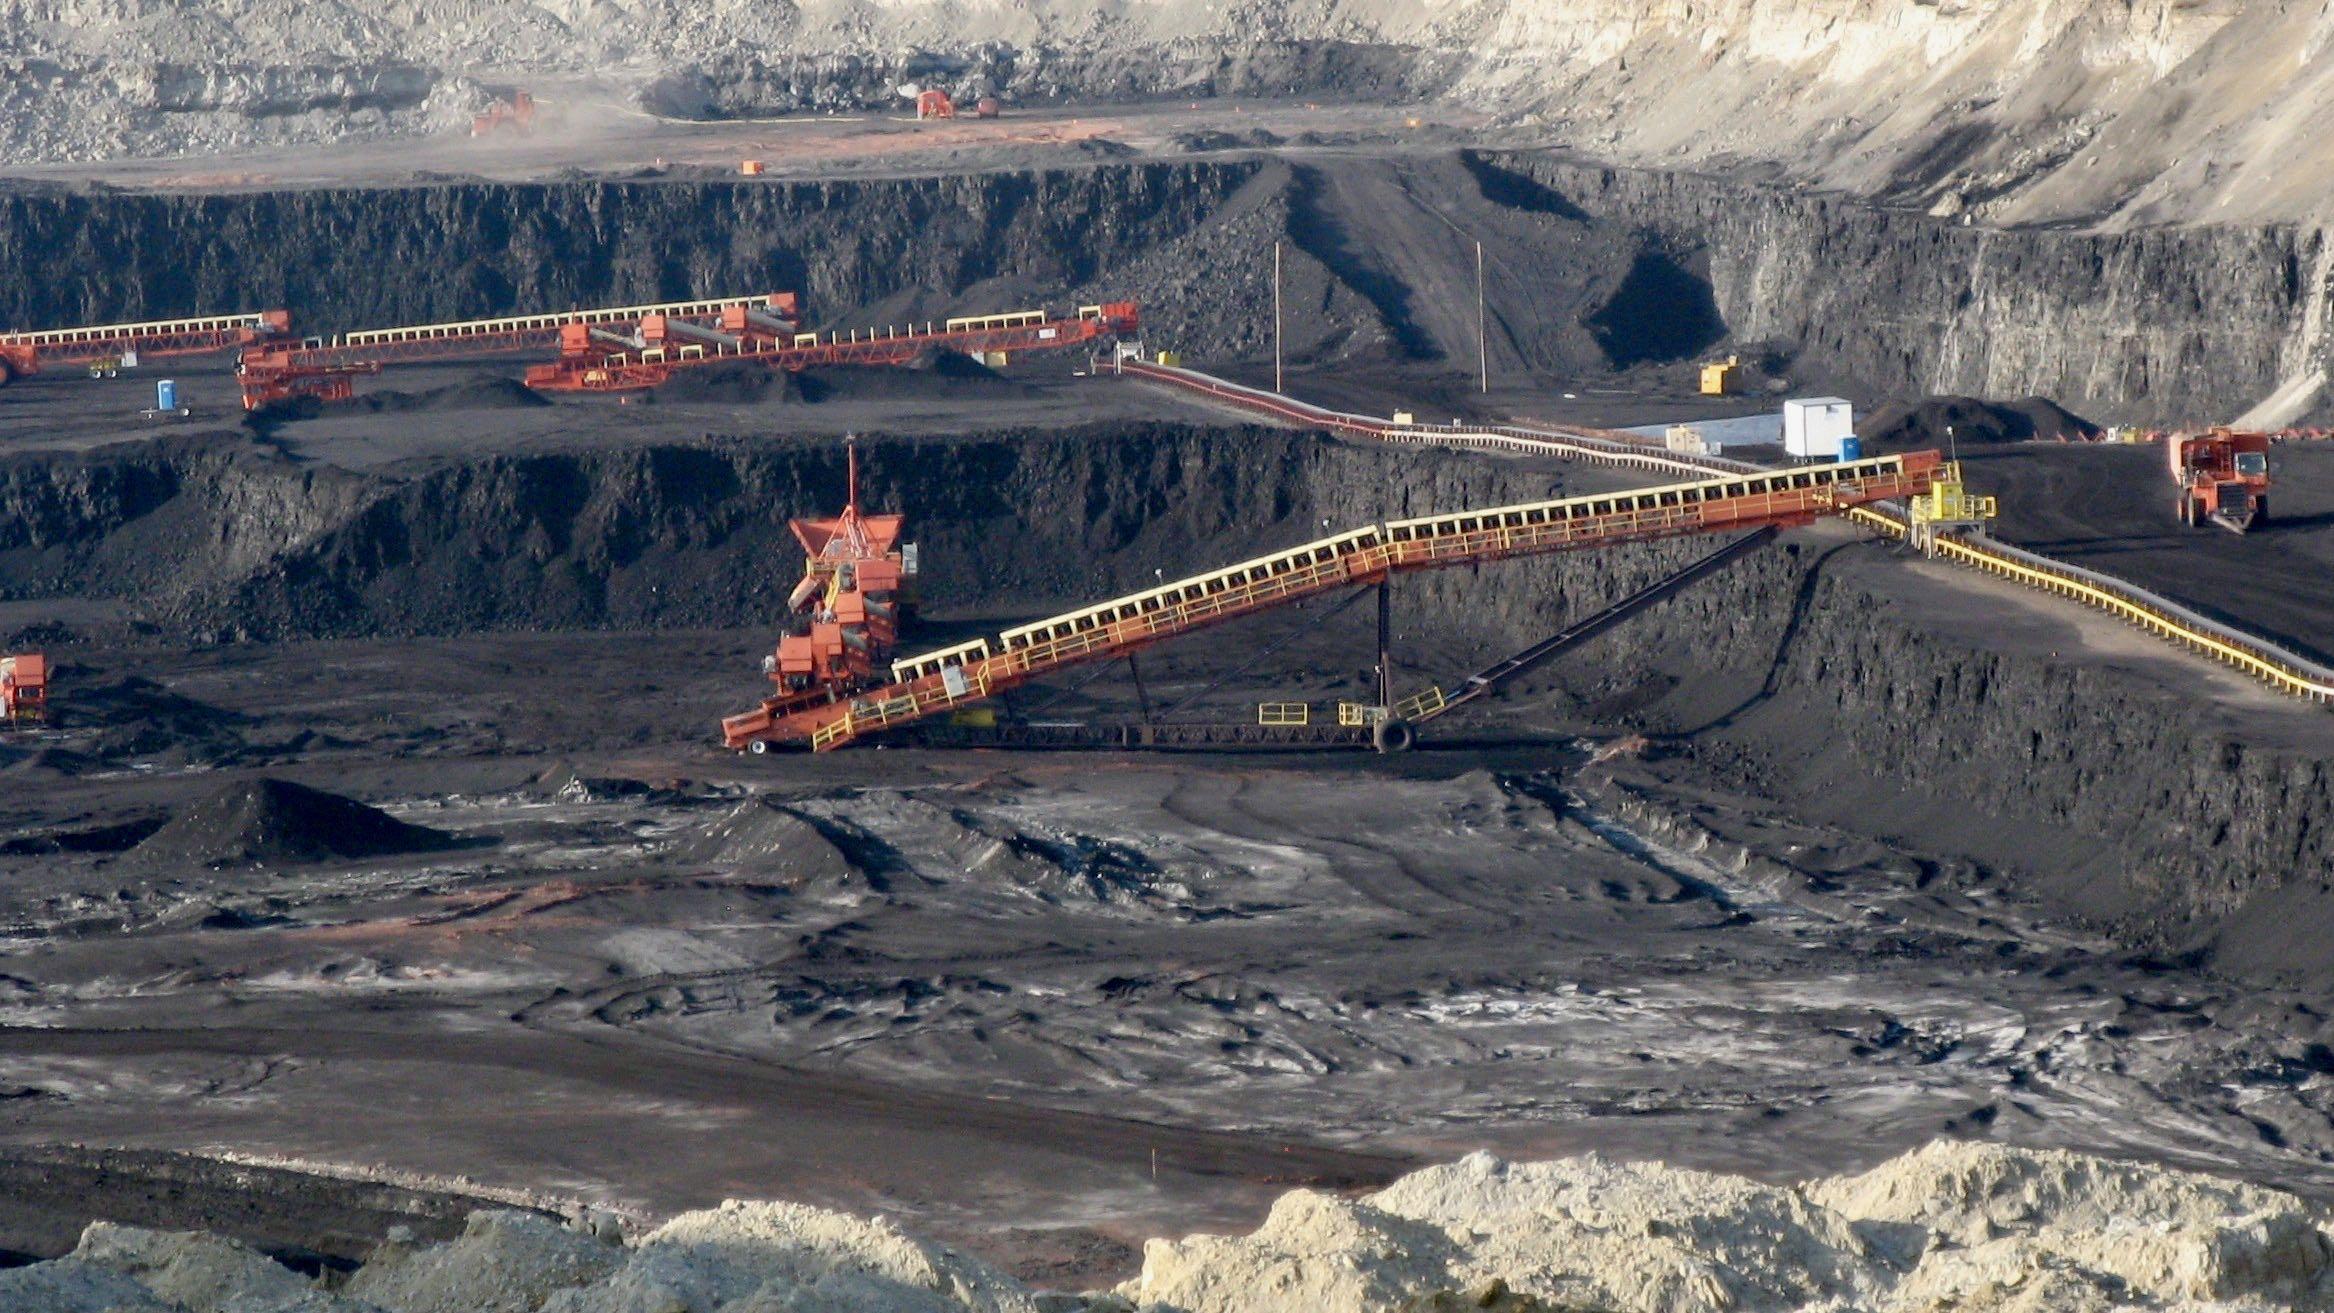 wyoming-coal-mine